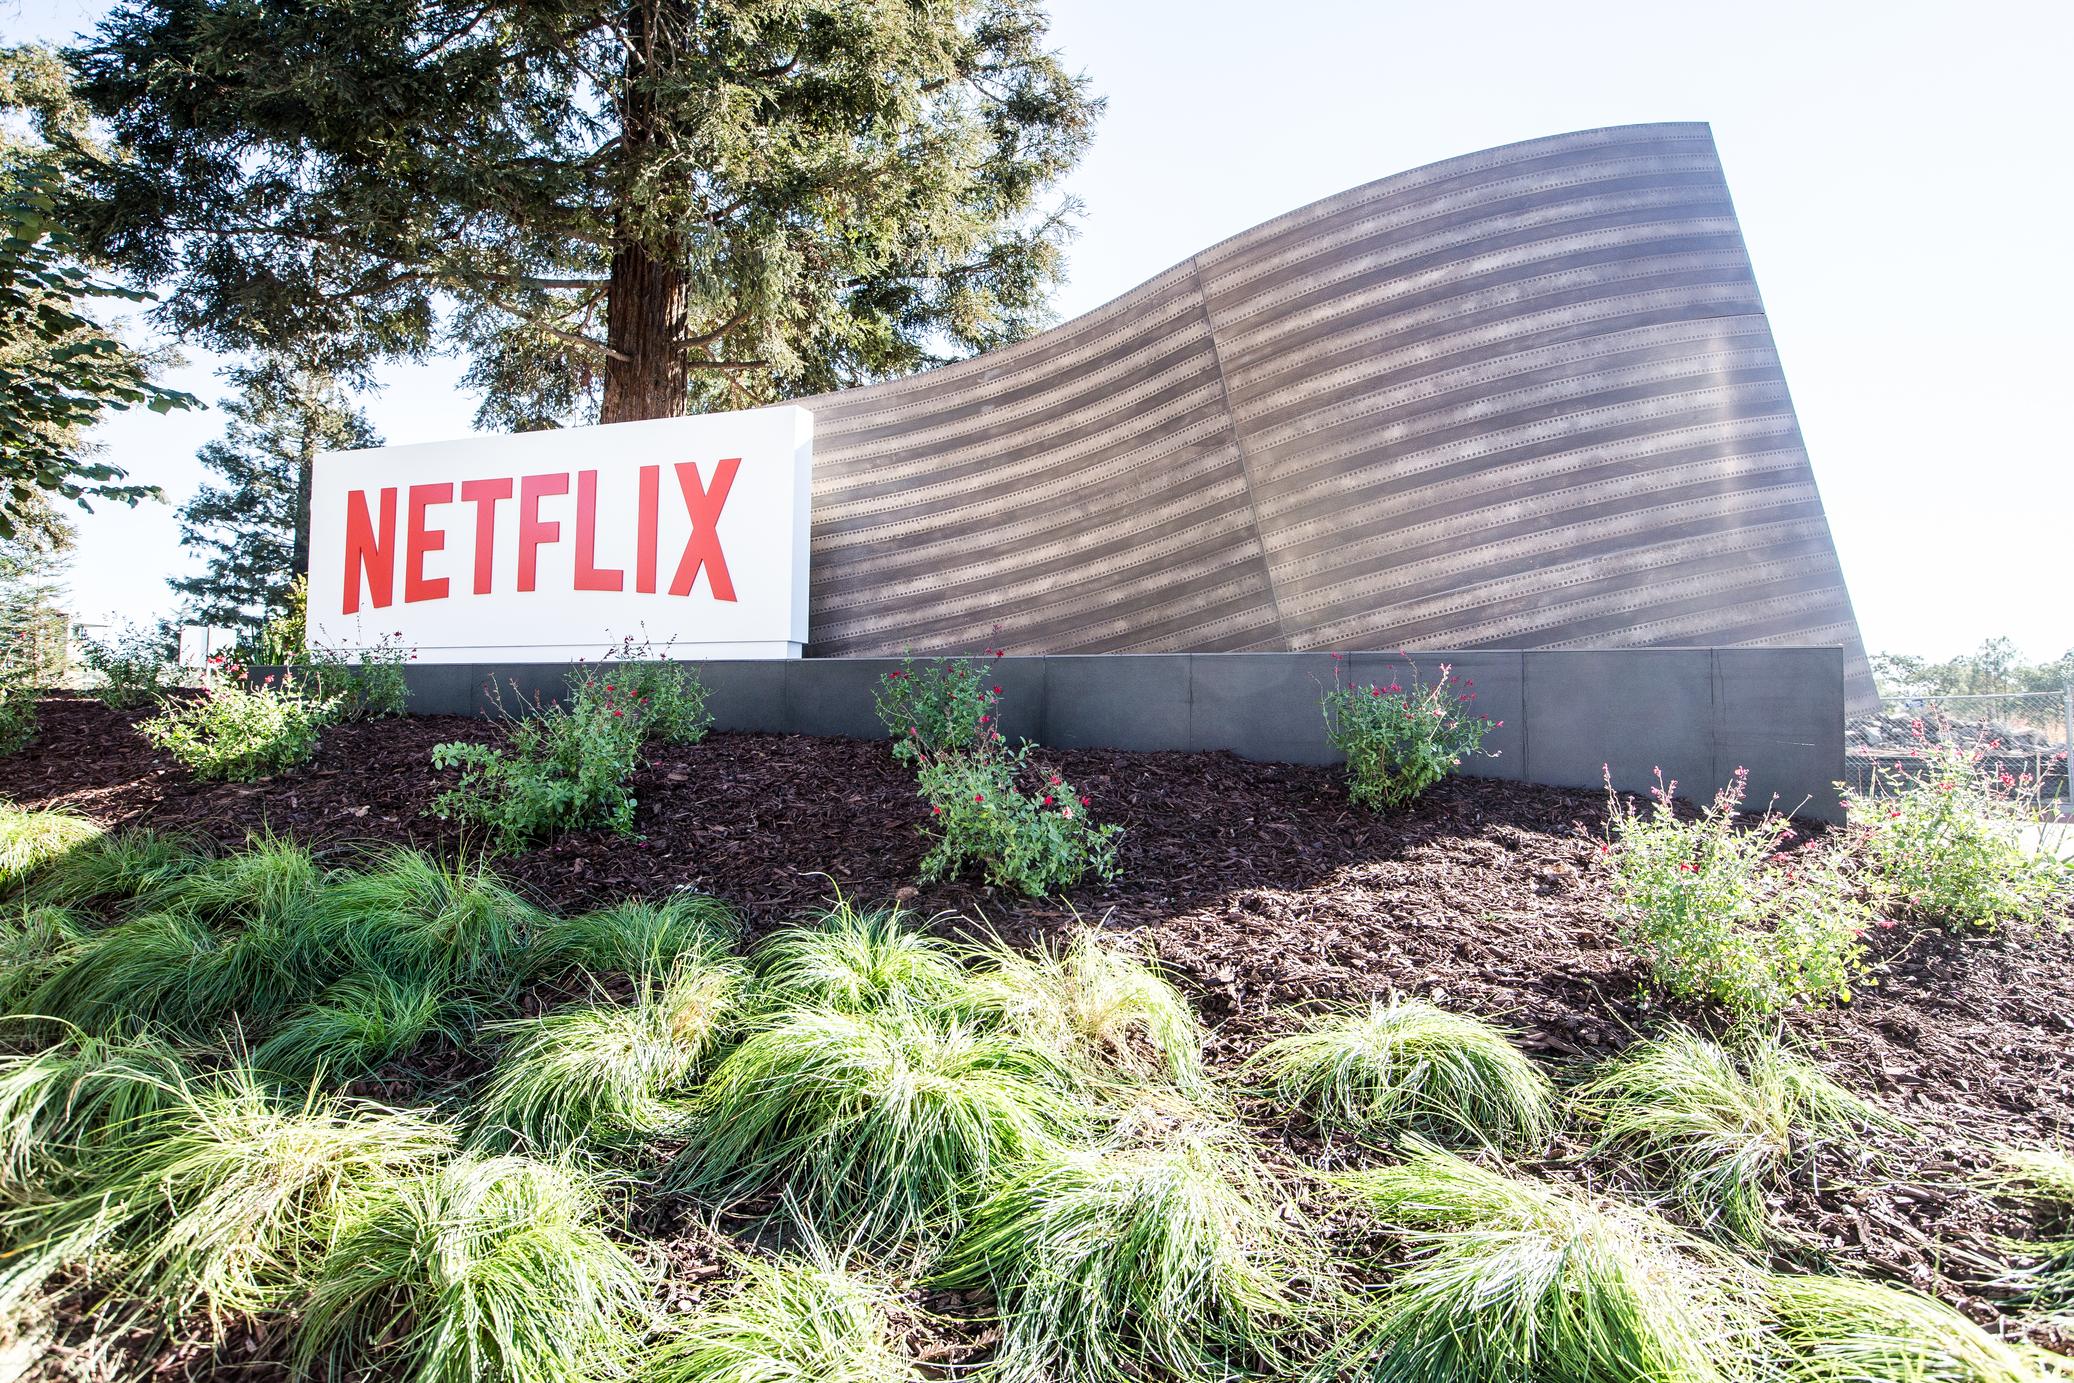 Netflix sign at entrance to its Los Gatos campus.